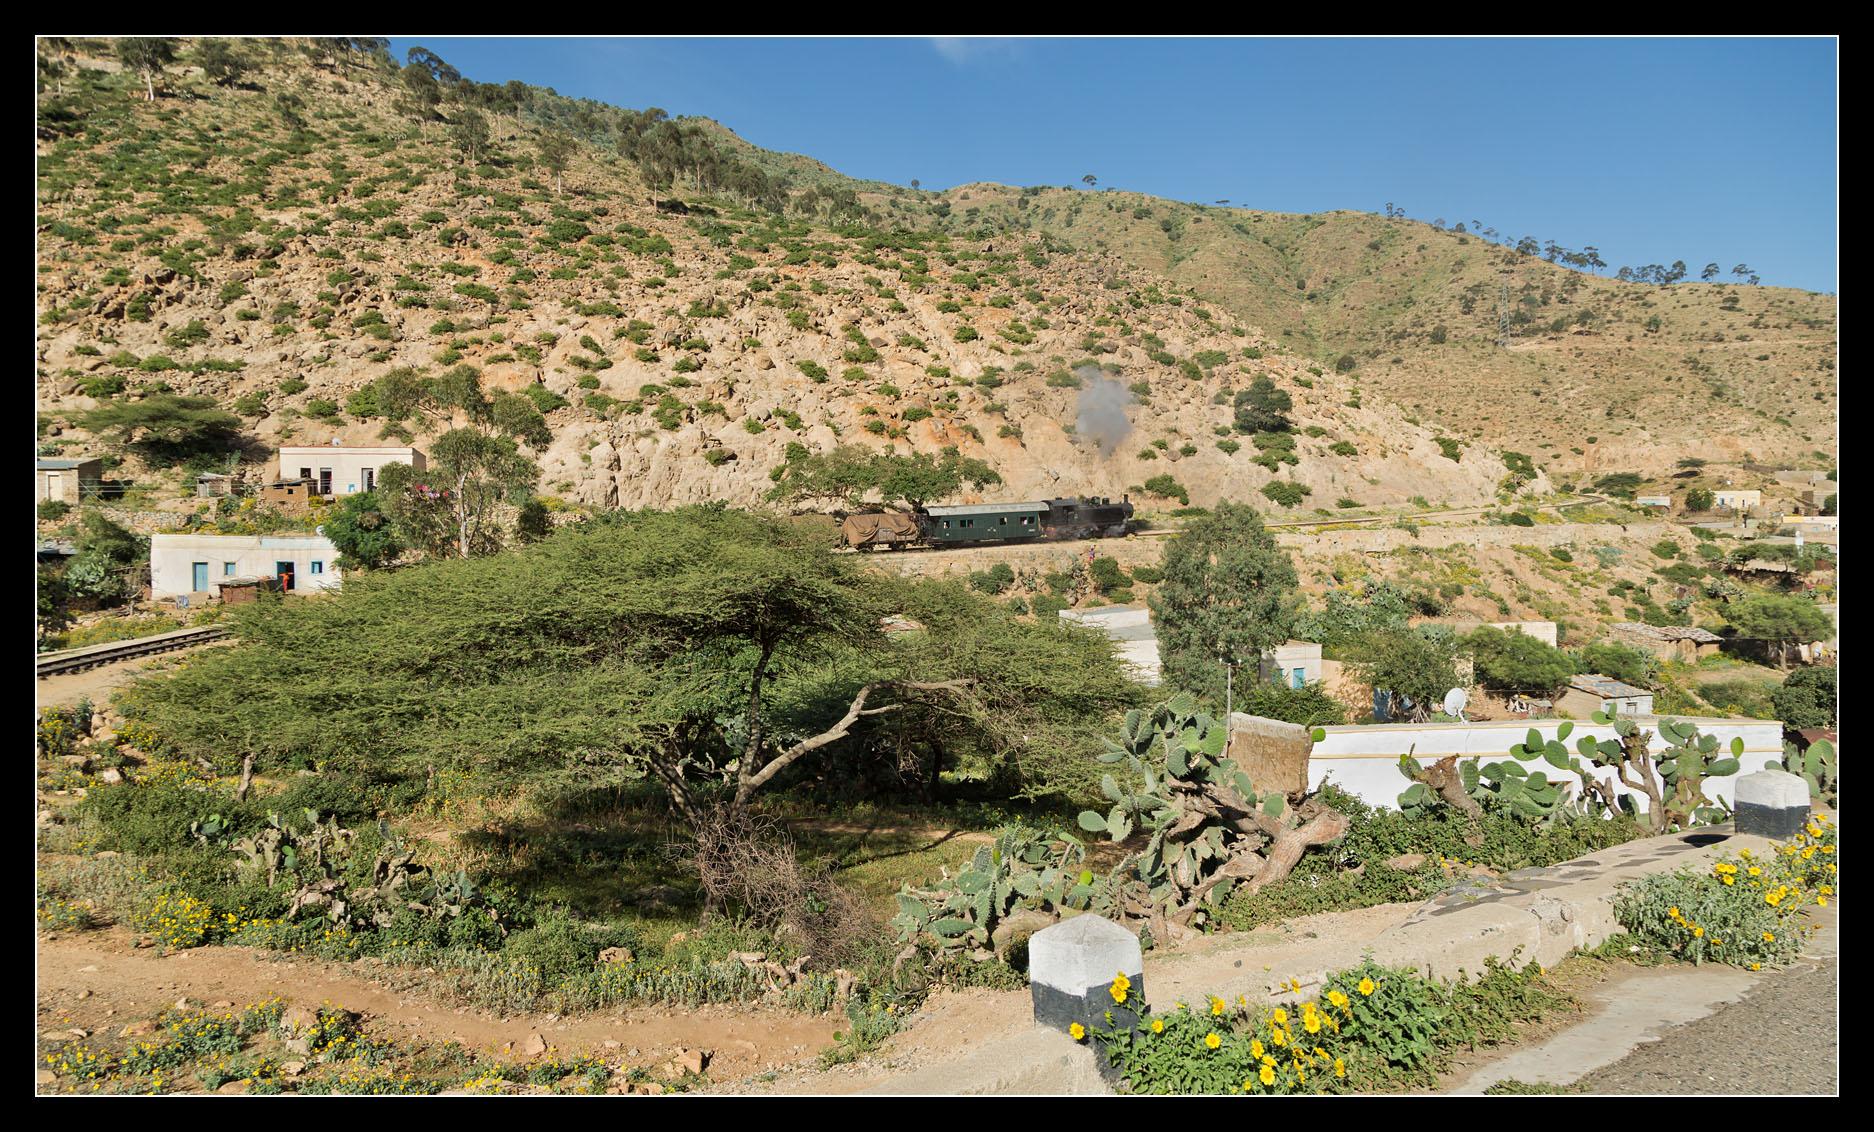 http://raildata.info/eritrea18/eri0704.jpg